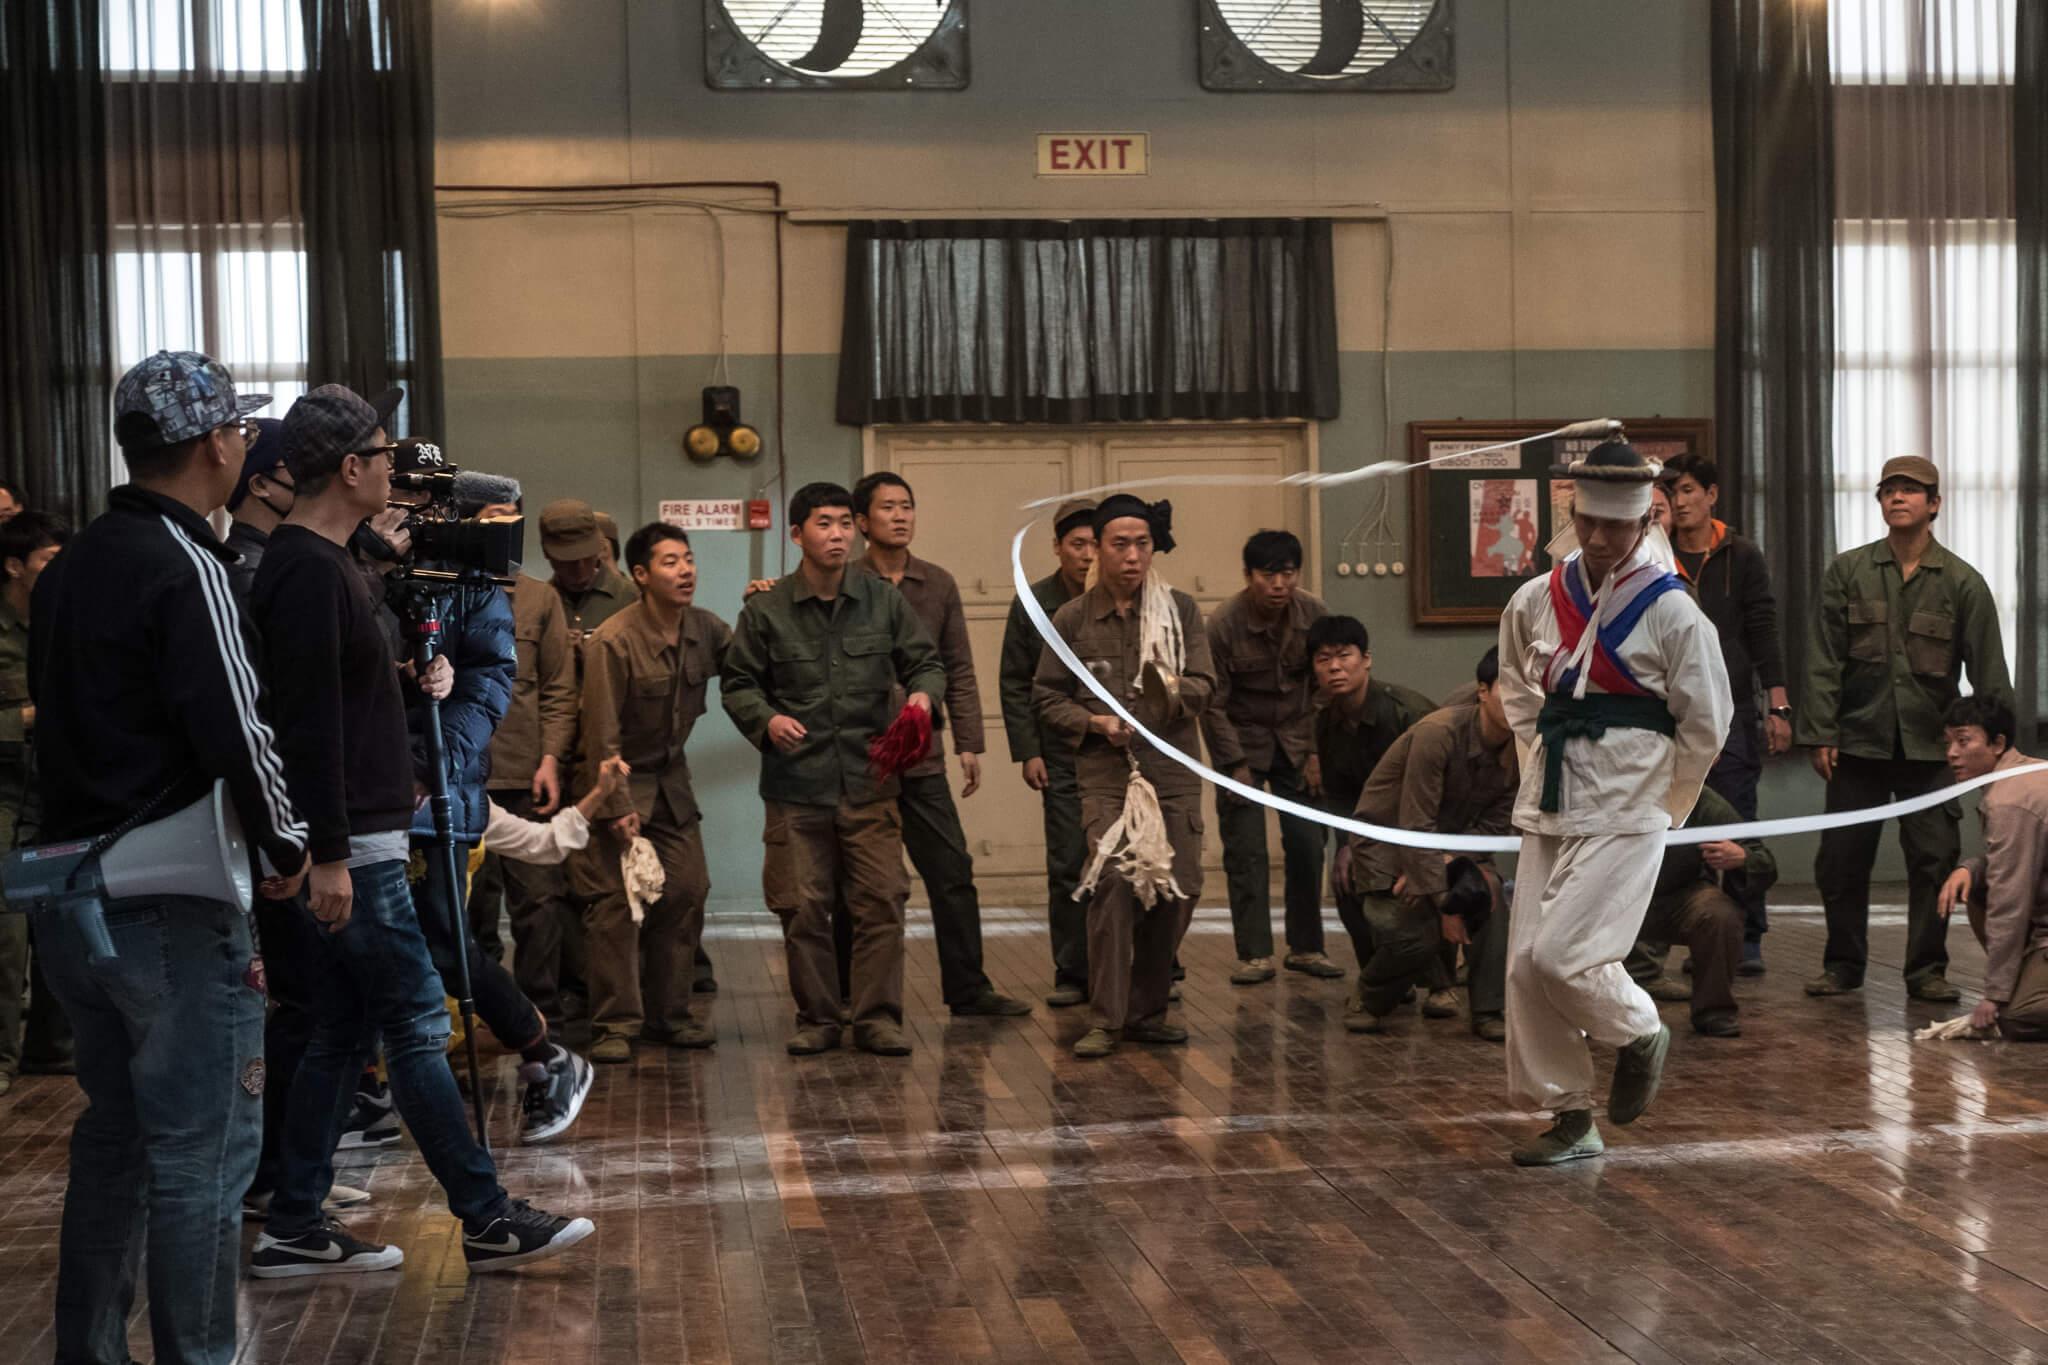 患有骨質疏鬆症的吳政世不止跳踢躂舞,還要學習傳統「象帽舞」,事關戲中他原本是象帽舞表演者,為了變得有名找回失散妻子而加入SWING KIDS。